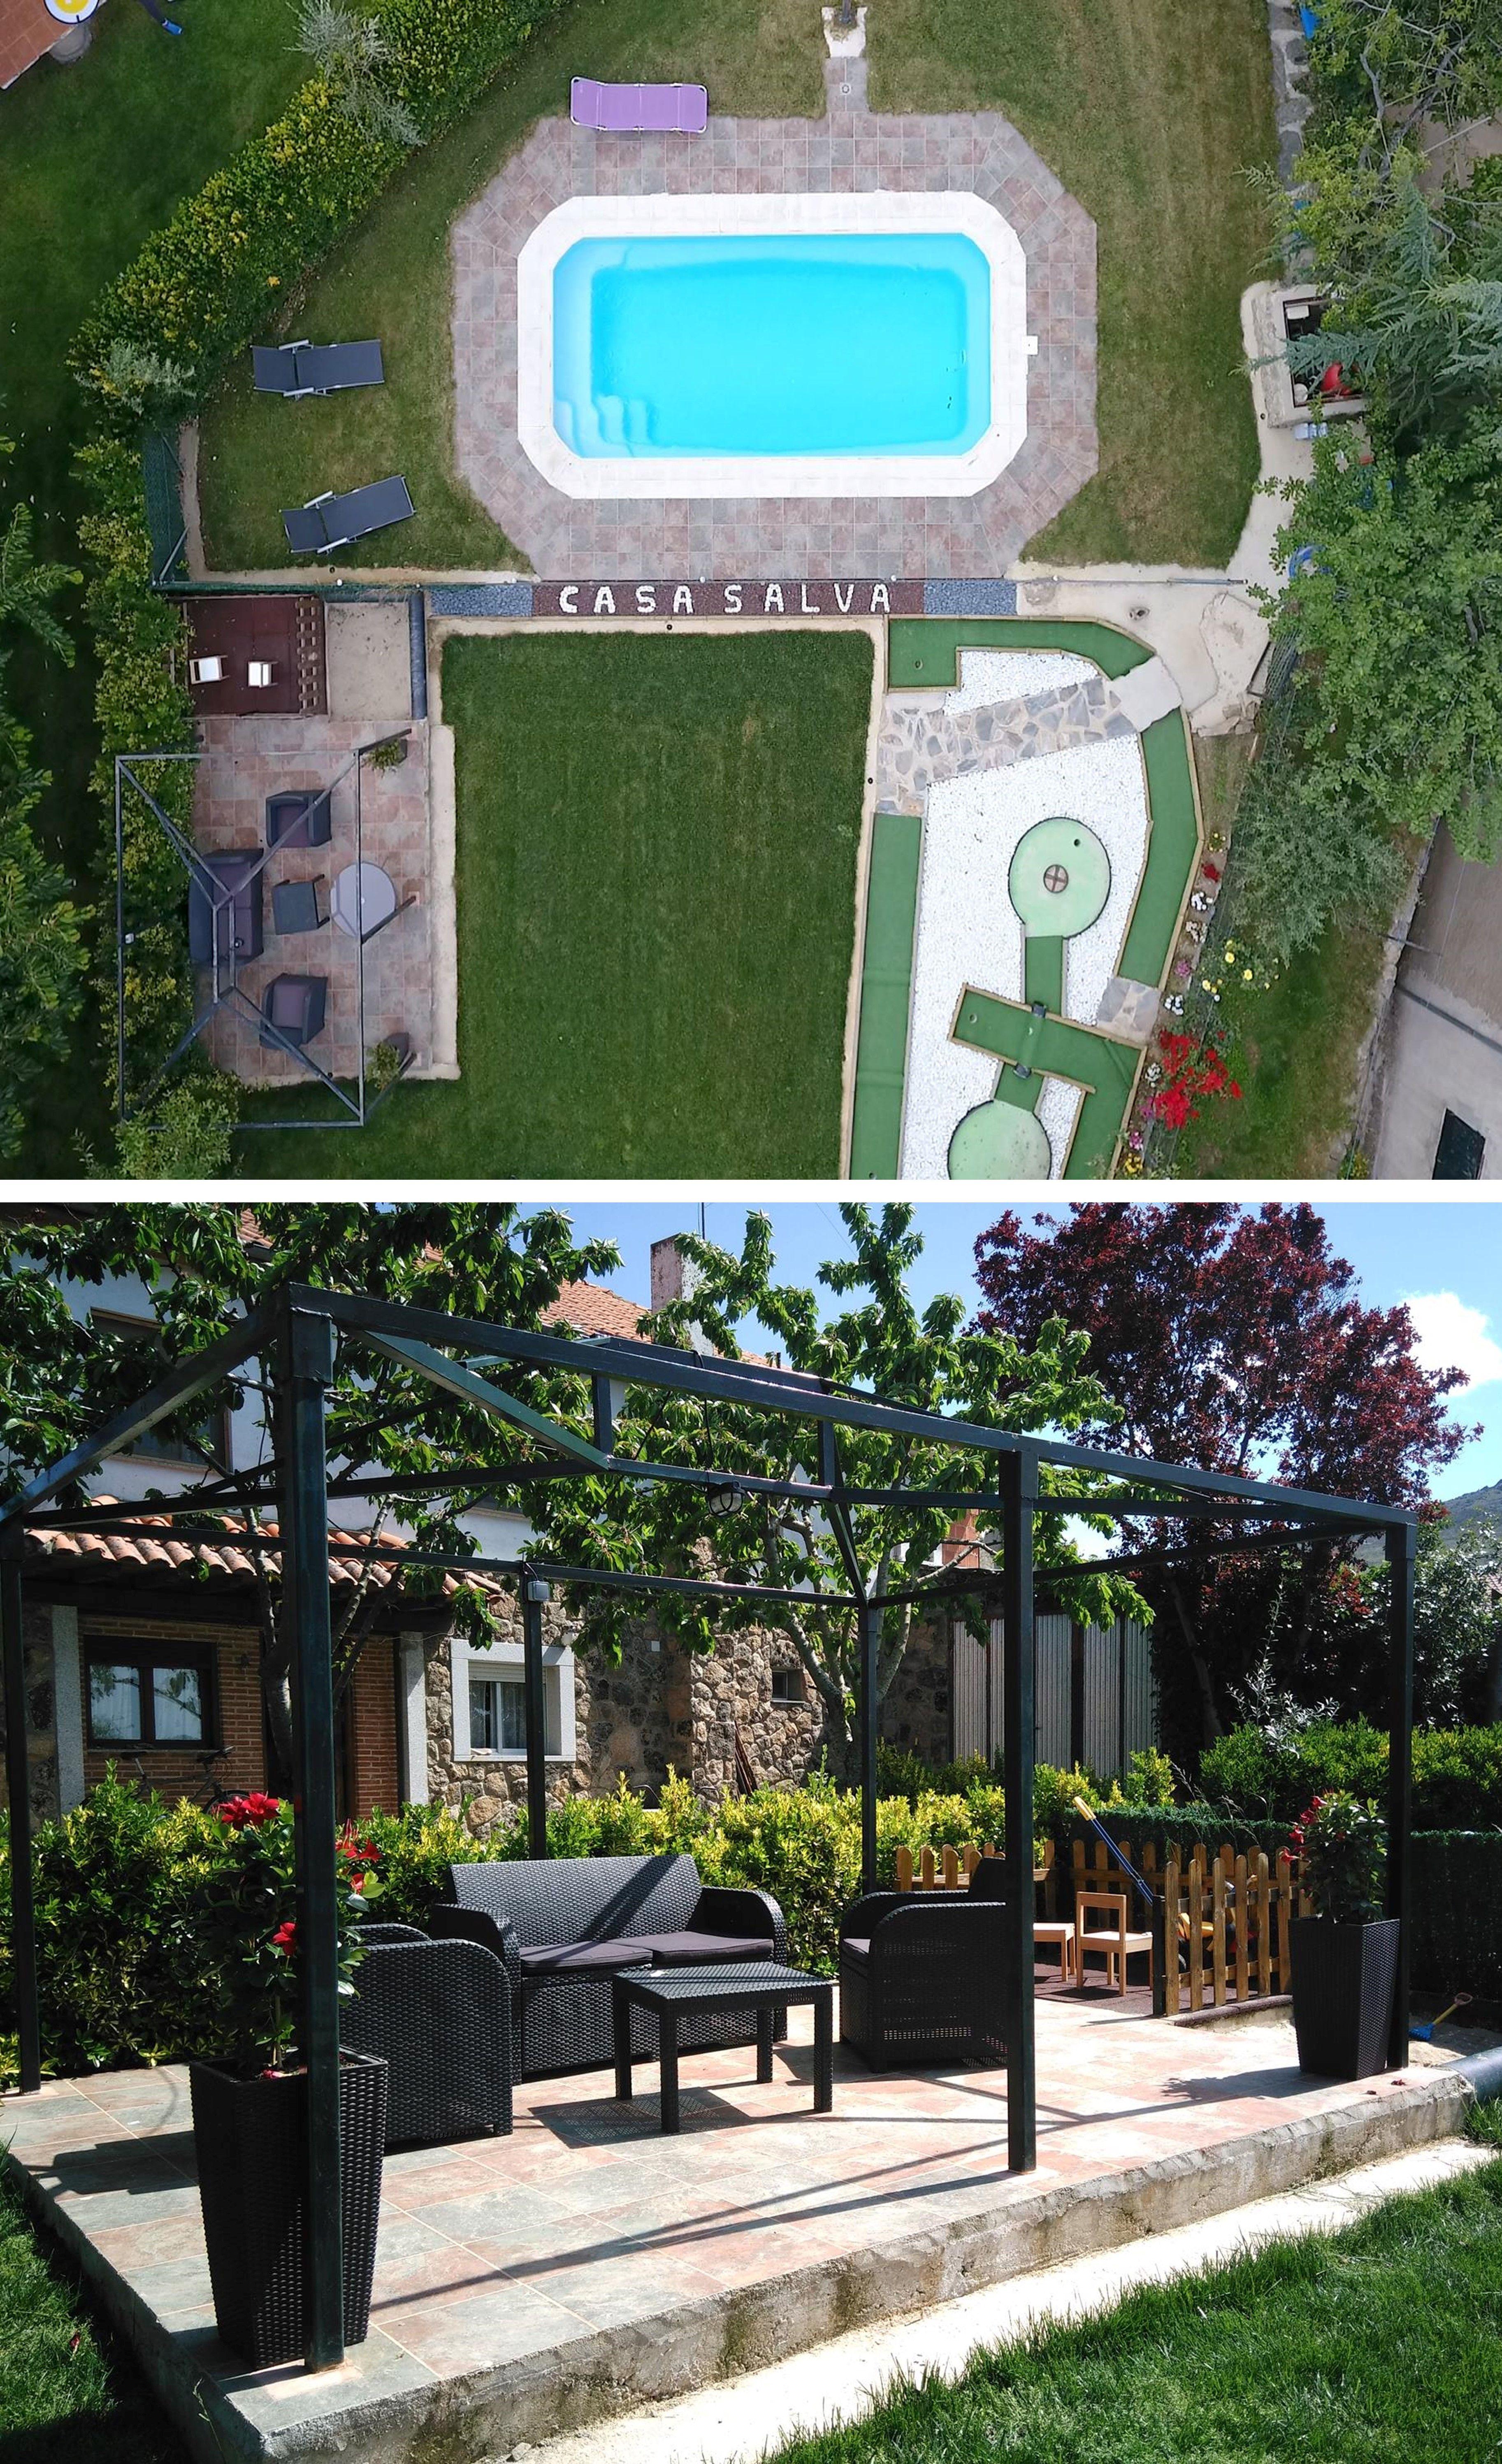 Salamanca Casa Para Grupos 9 Habitaciones Jacuzzi Bodega Piscina Privada Mini Golf Y Barbacoa Casas Rurales Barbacoa Jardin Casas Grandes